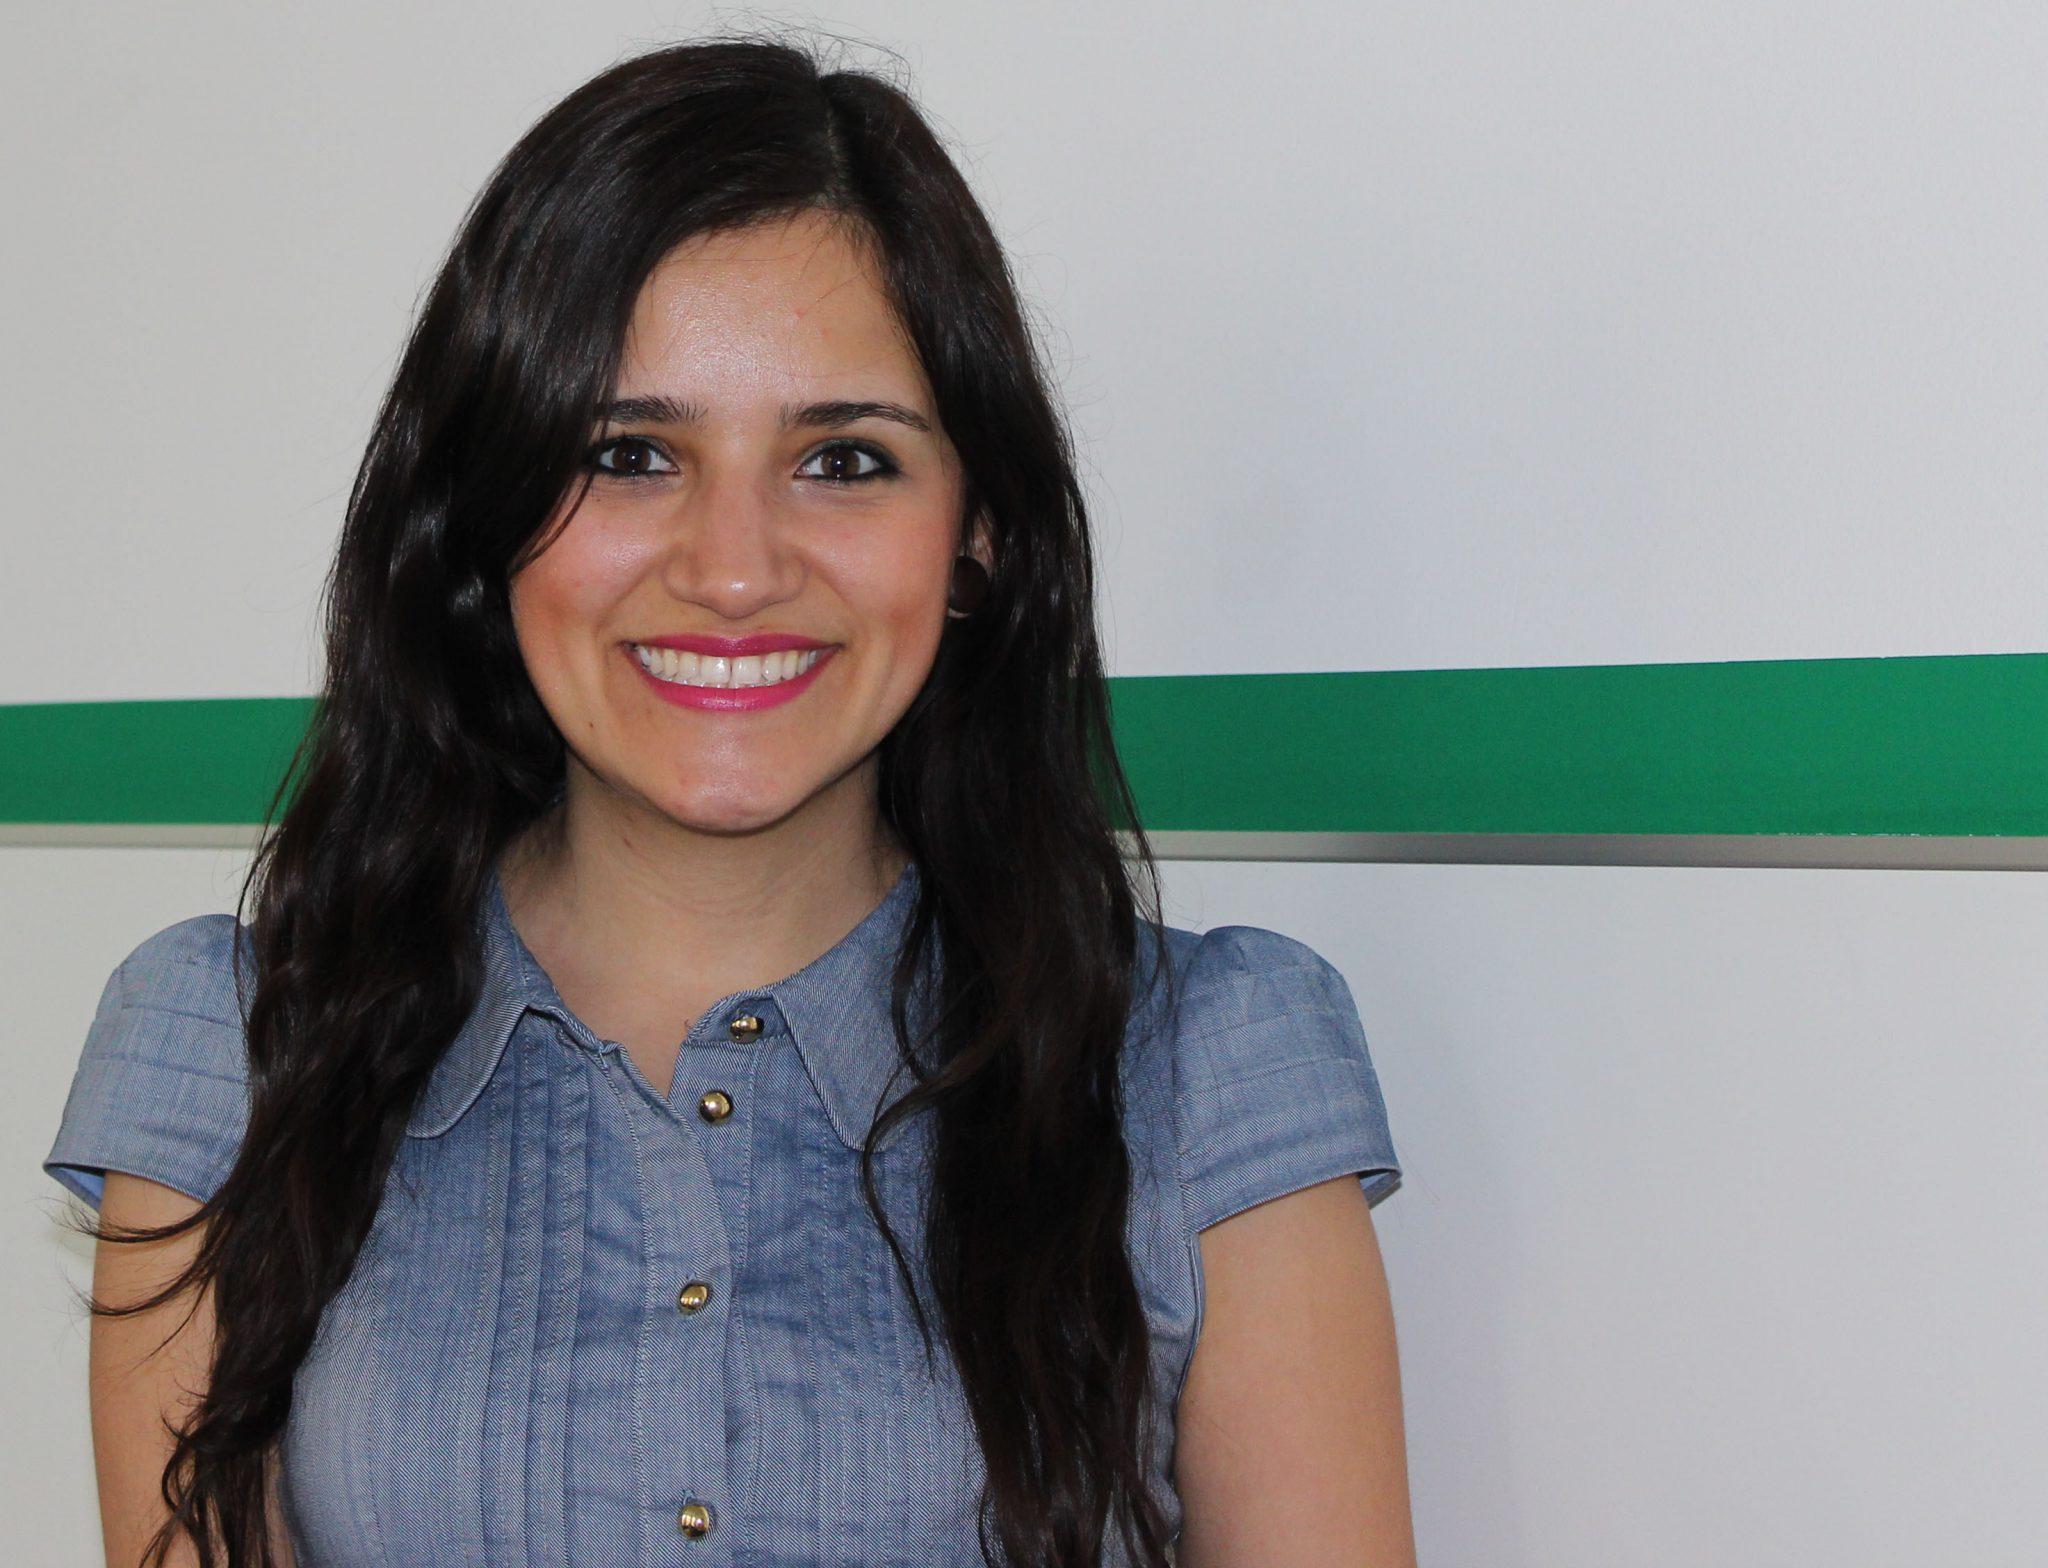 EU Alumni: Zaira Perez